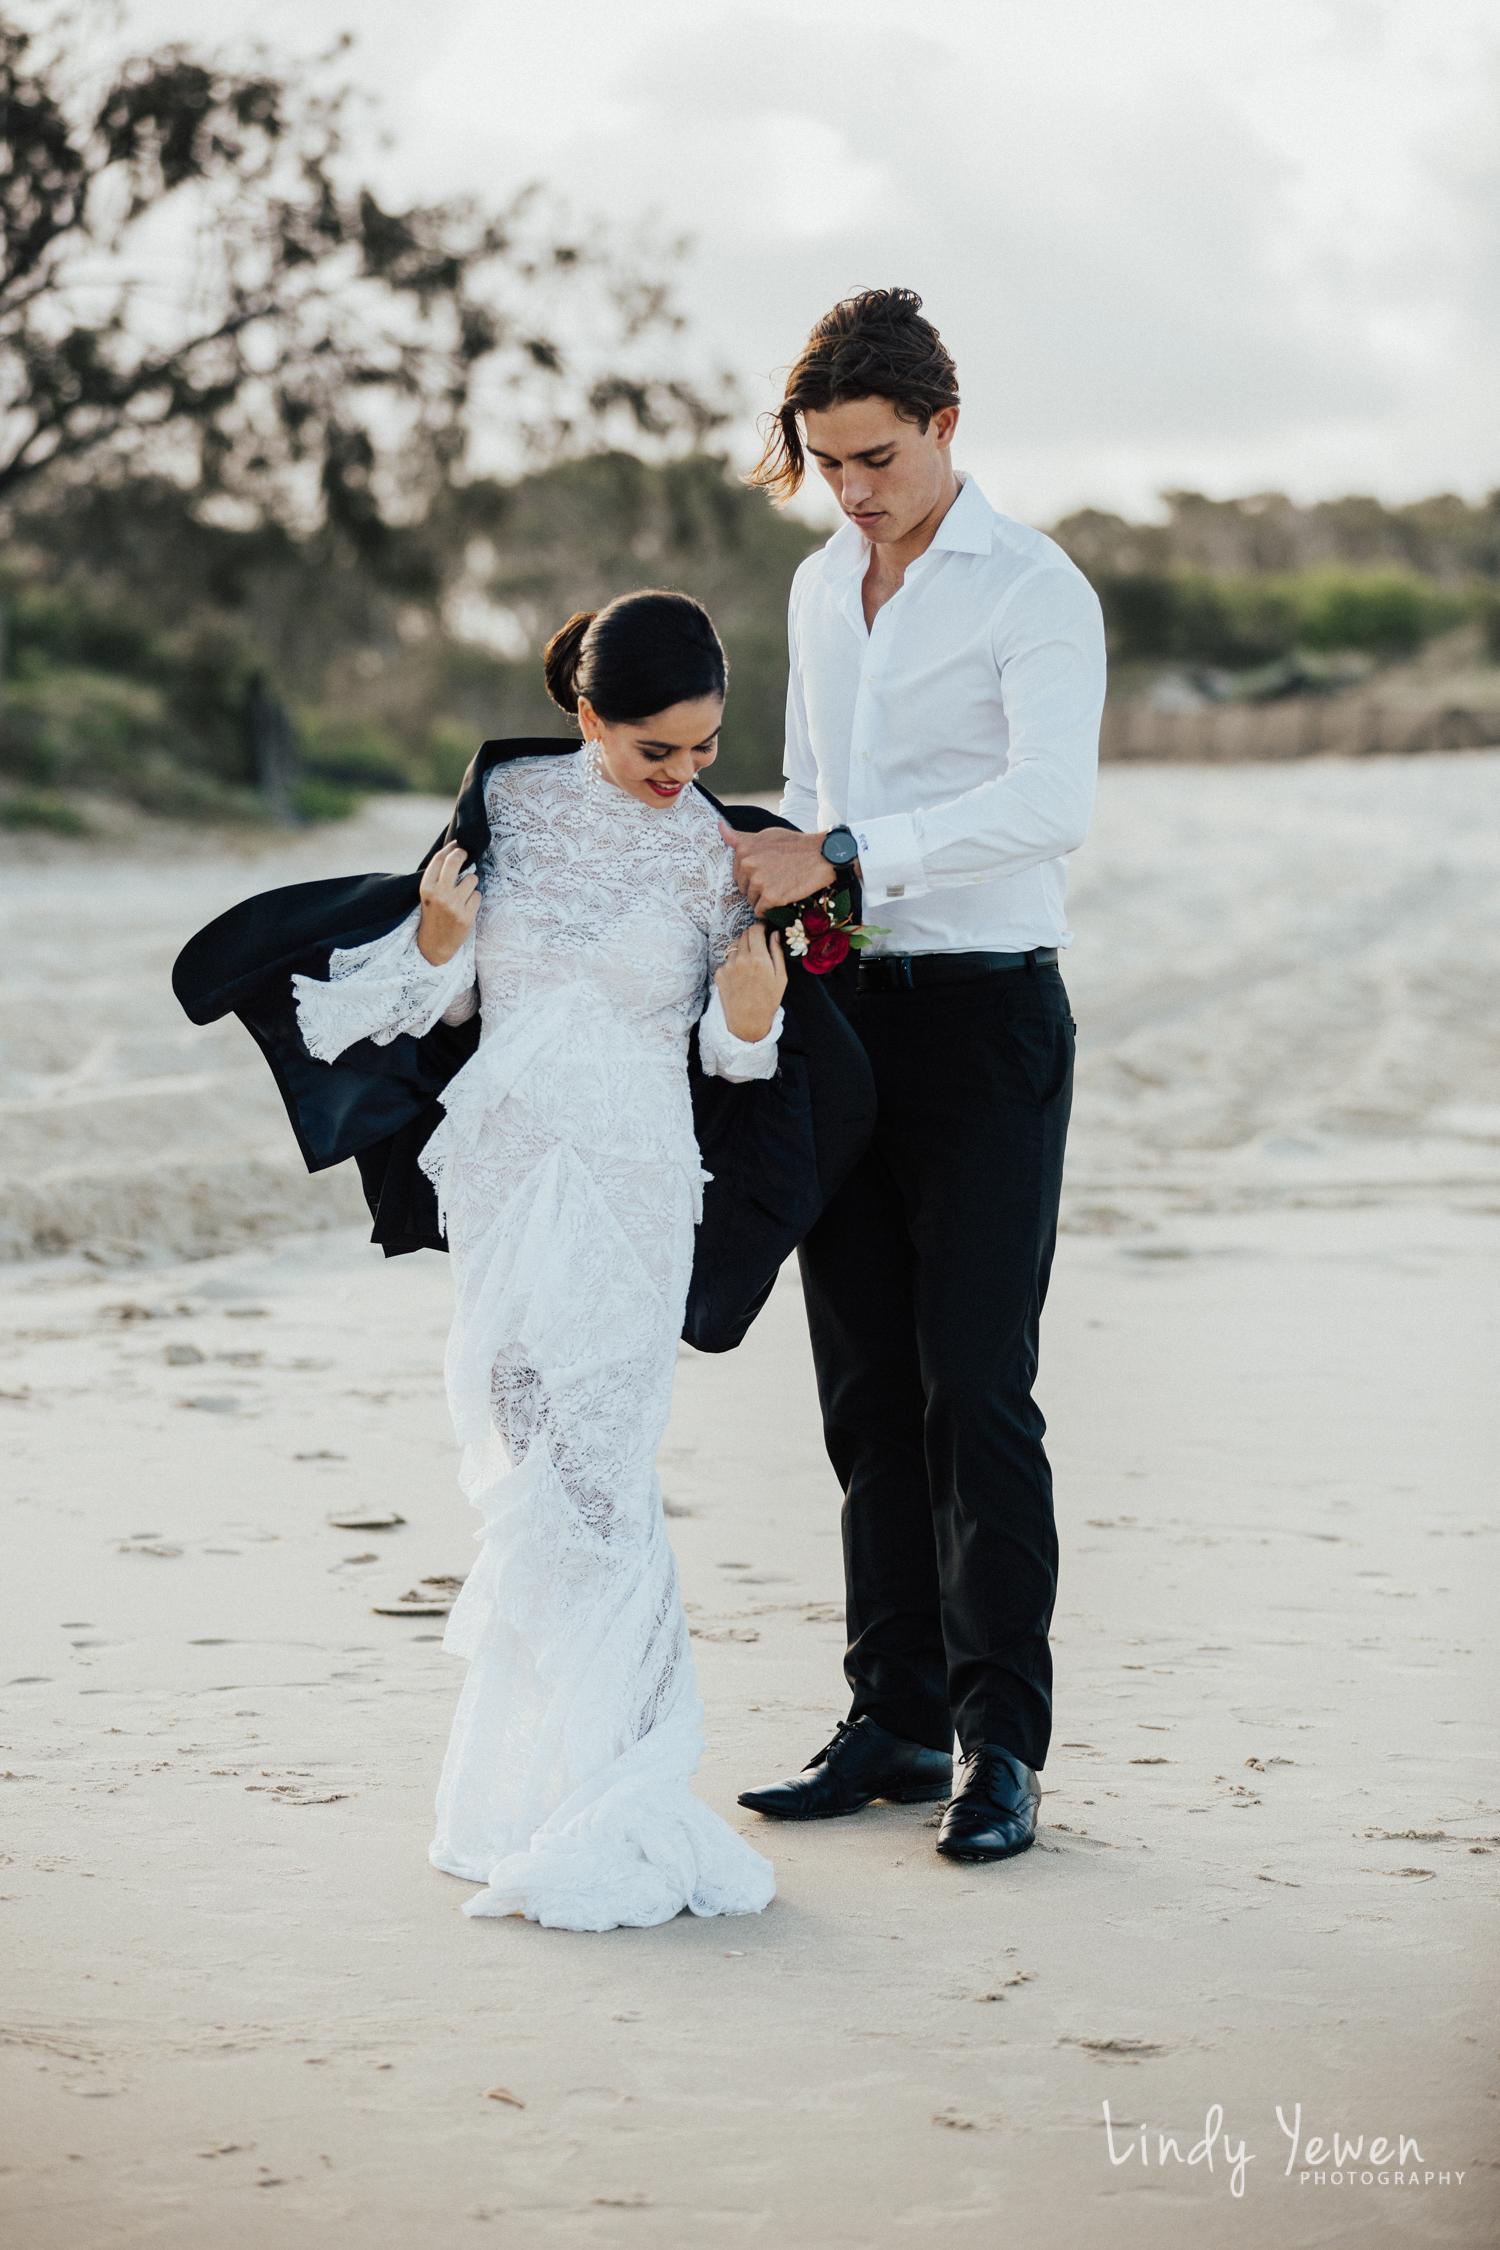 Lindy-Yewen-Photography-Spanish-Wedding 146.jpg